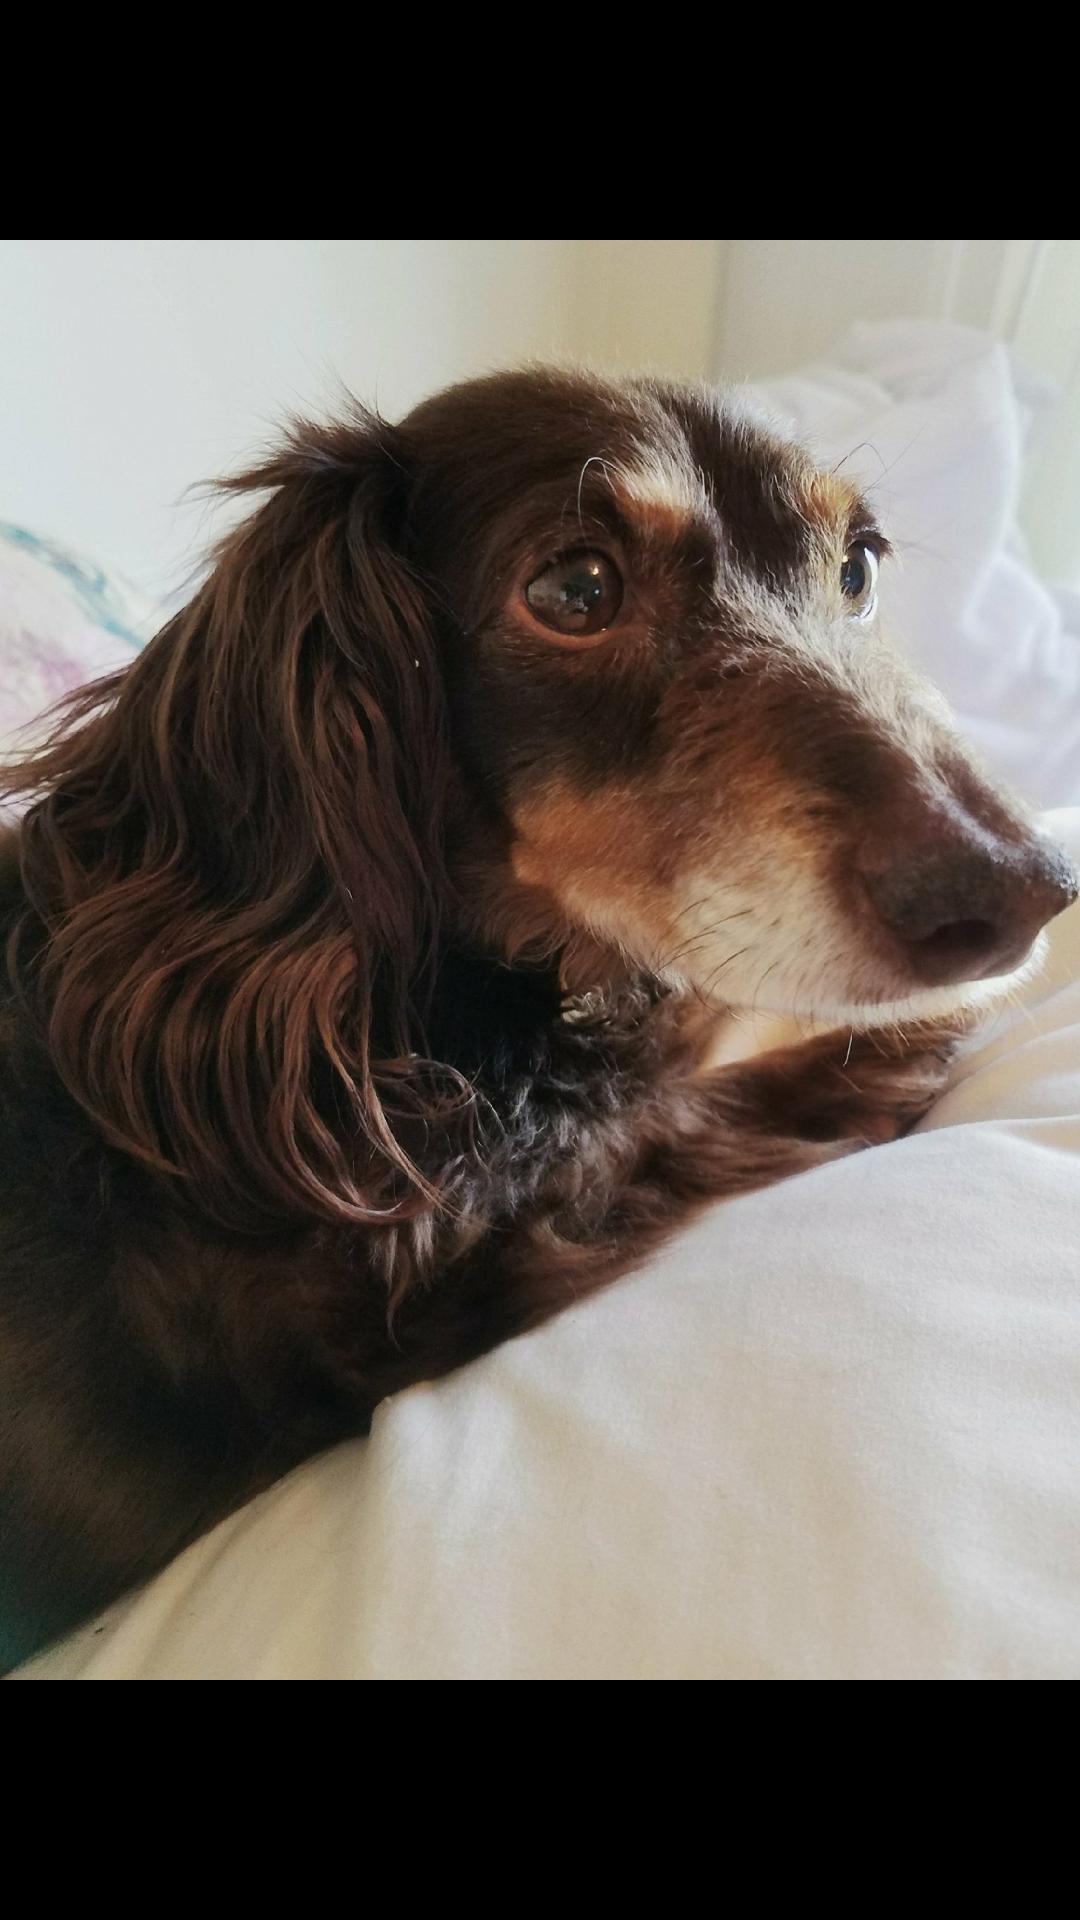 My friends dog is named toot iddkeajkkzsg